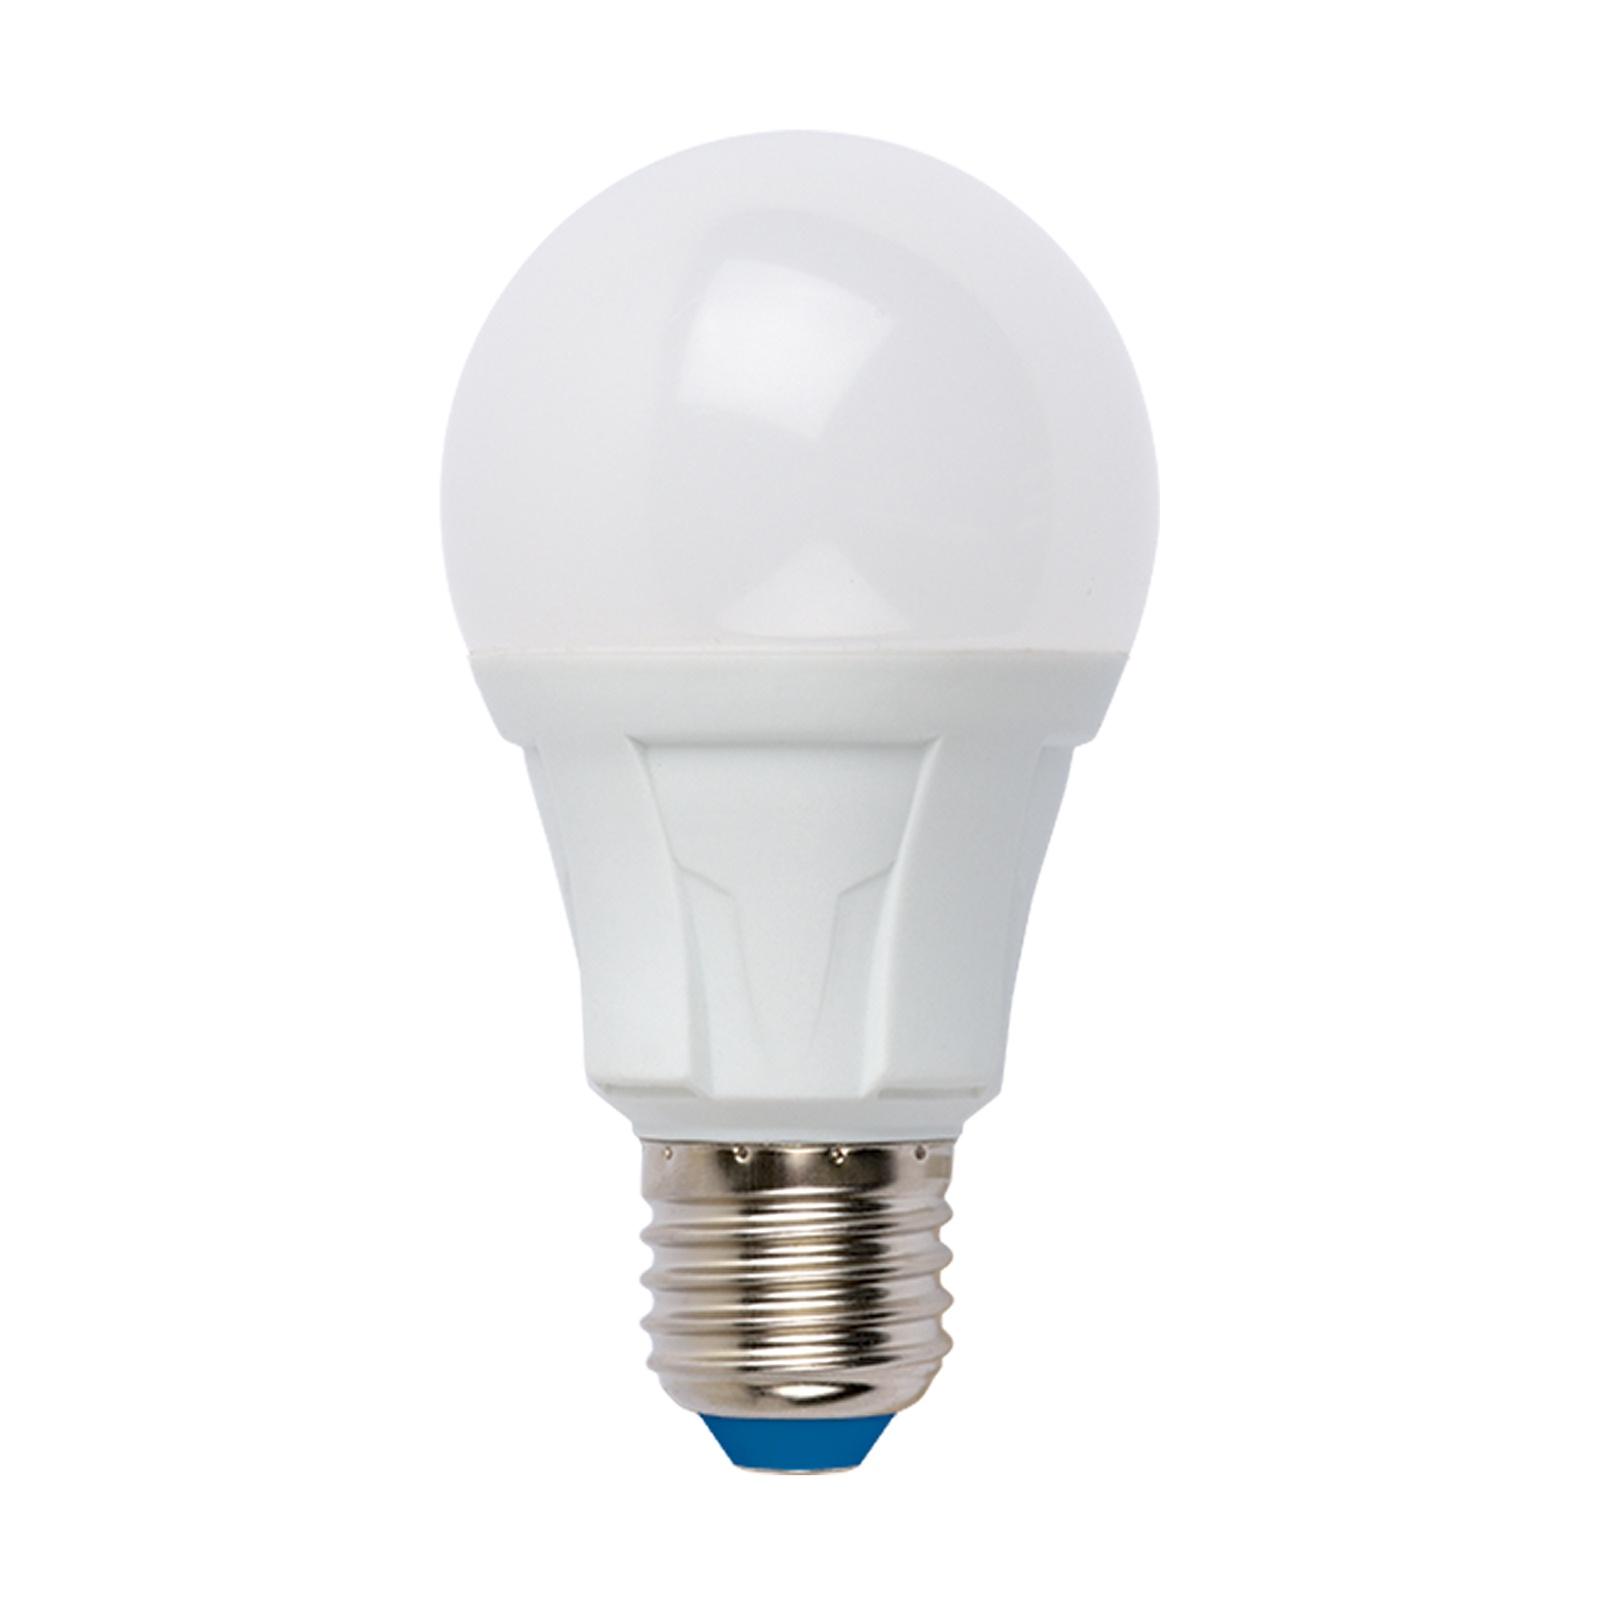 Лампочка Uniel LED-A60 10W/DW/E27/FR 6500K, Холодный свет 10 Вт, Светодиодная